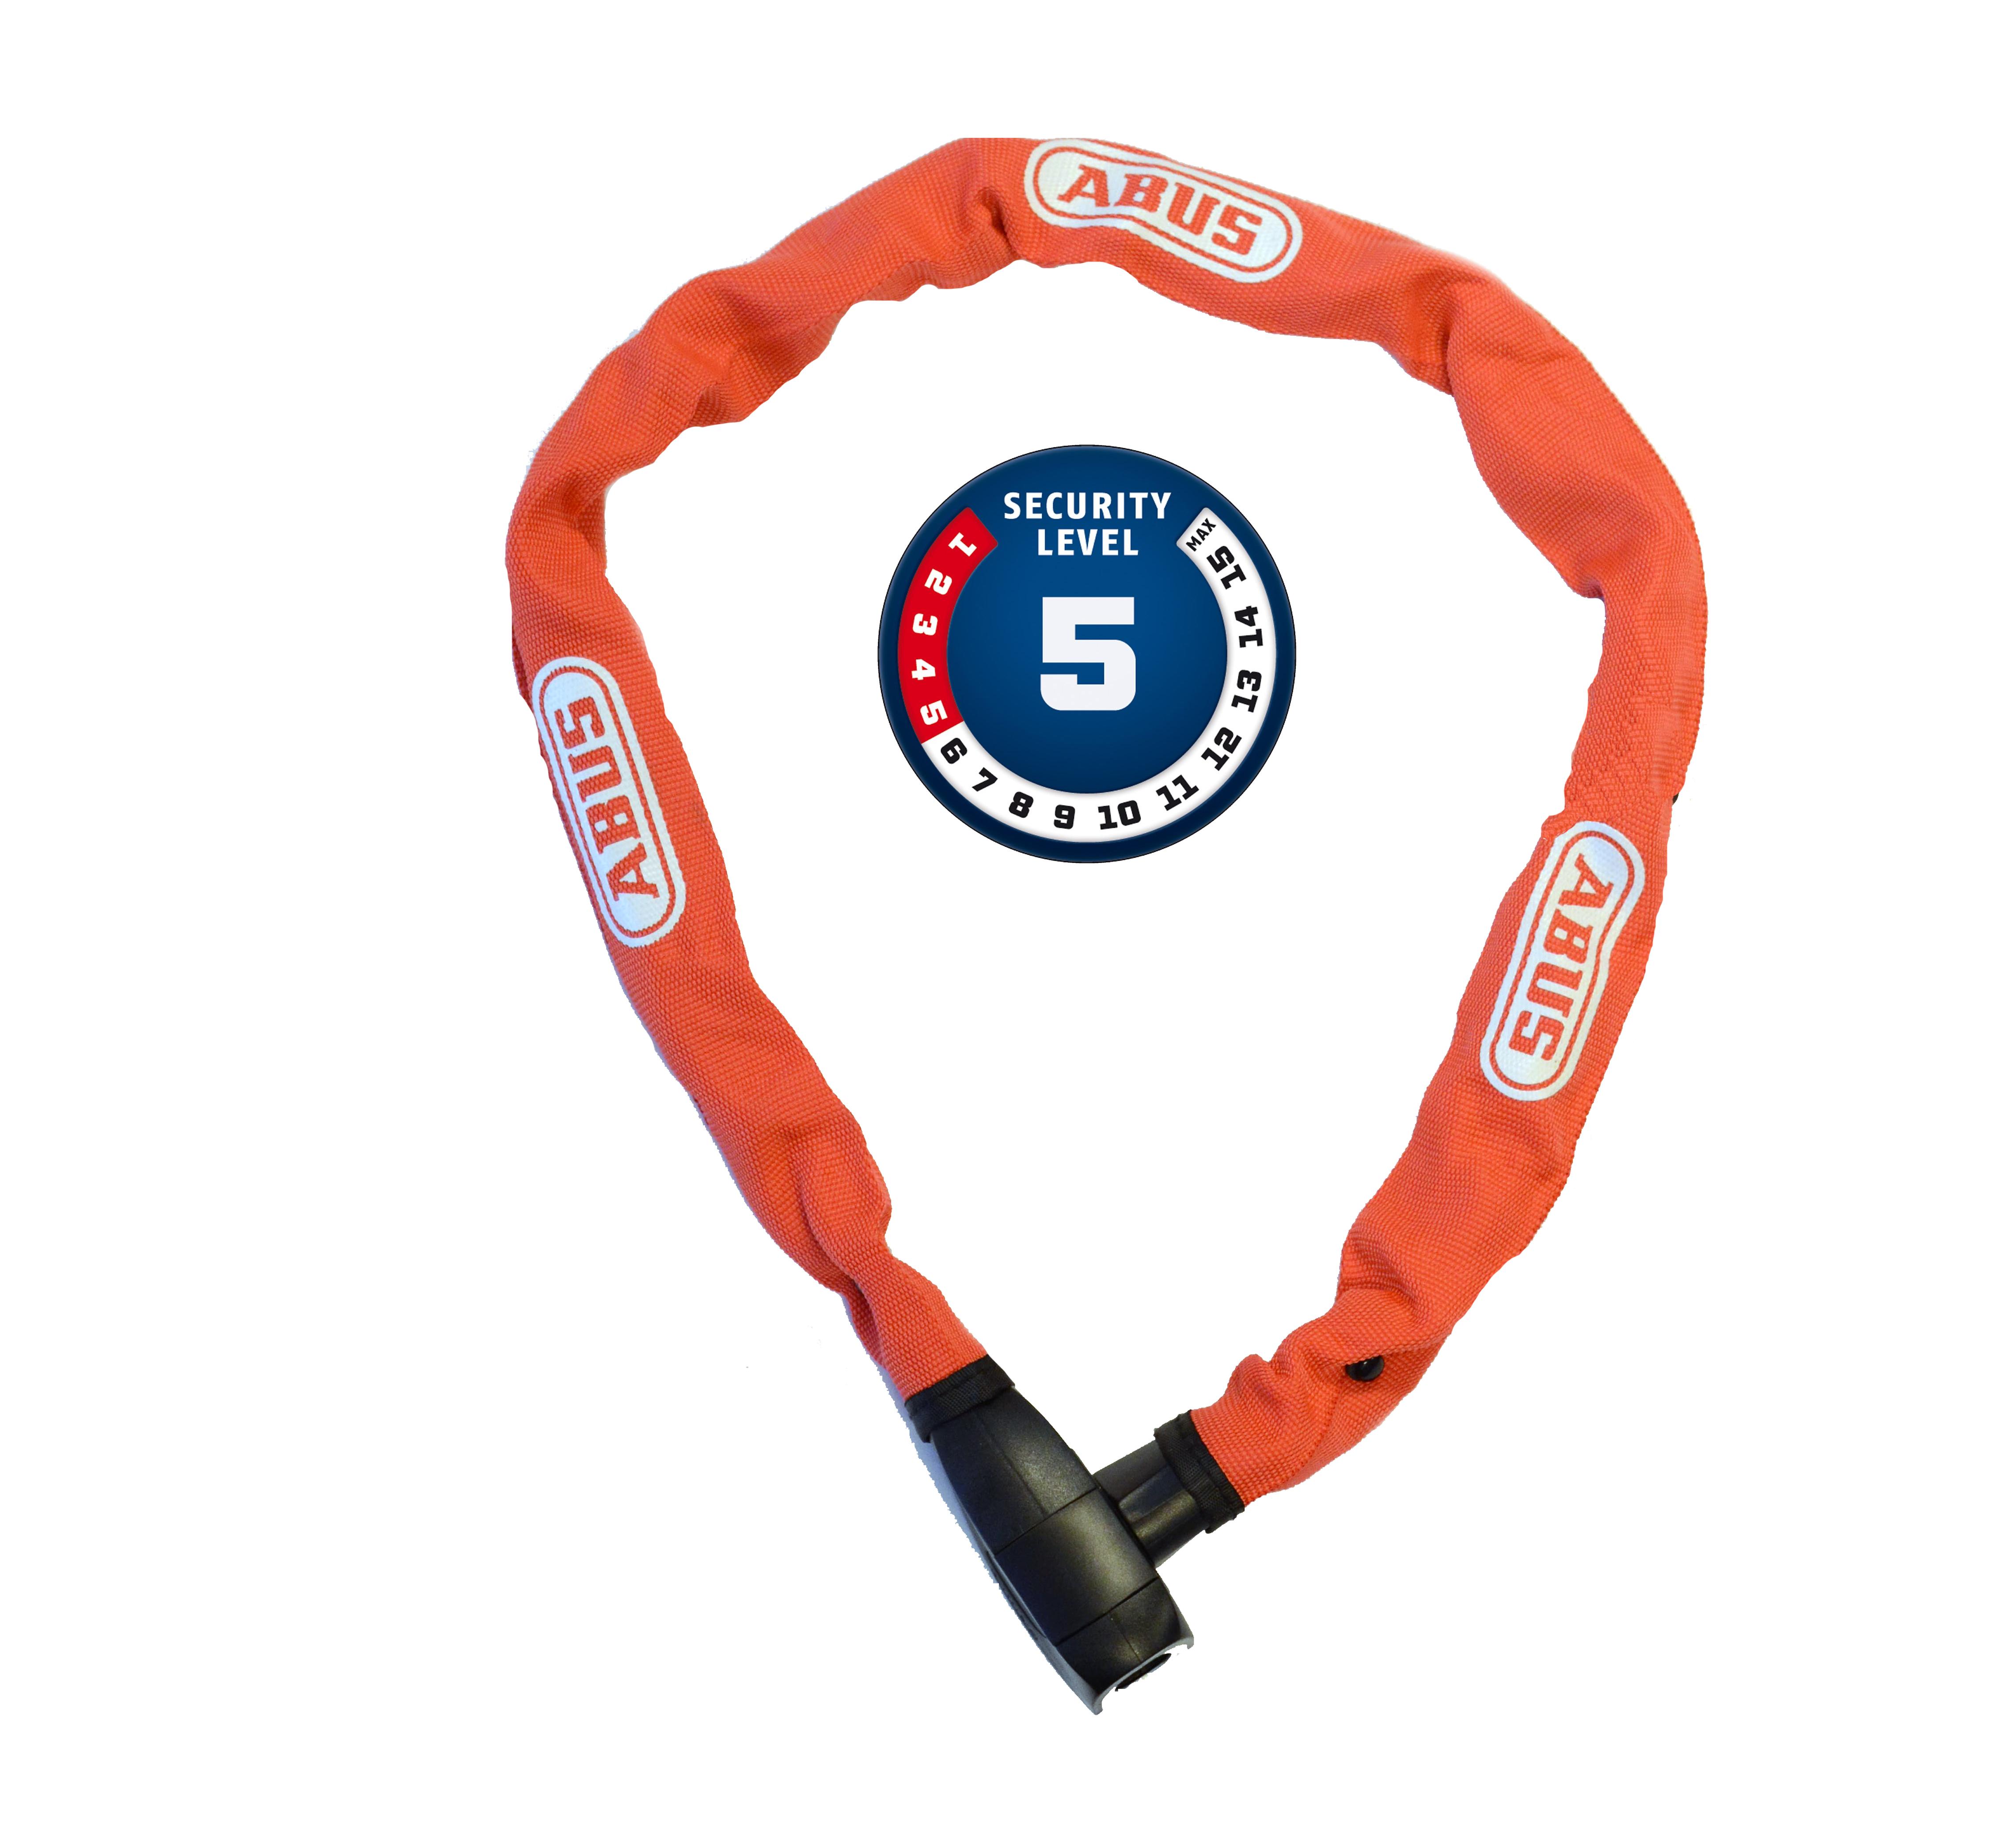 Řetězový zámek ABUS 6800, 110 cm, barva červená (Zámek na kolo, délka 110 cm)